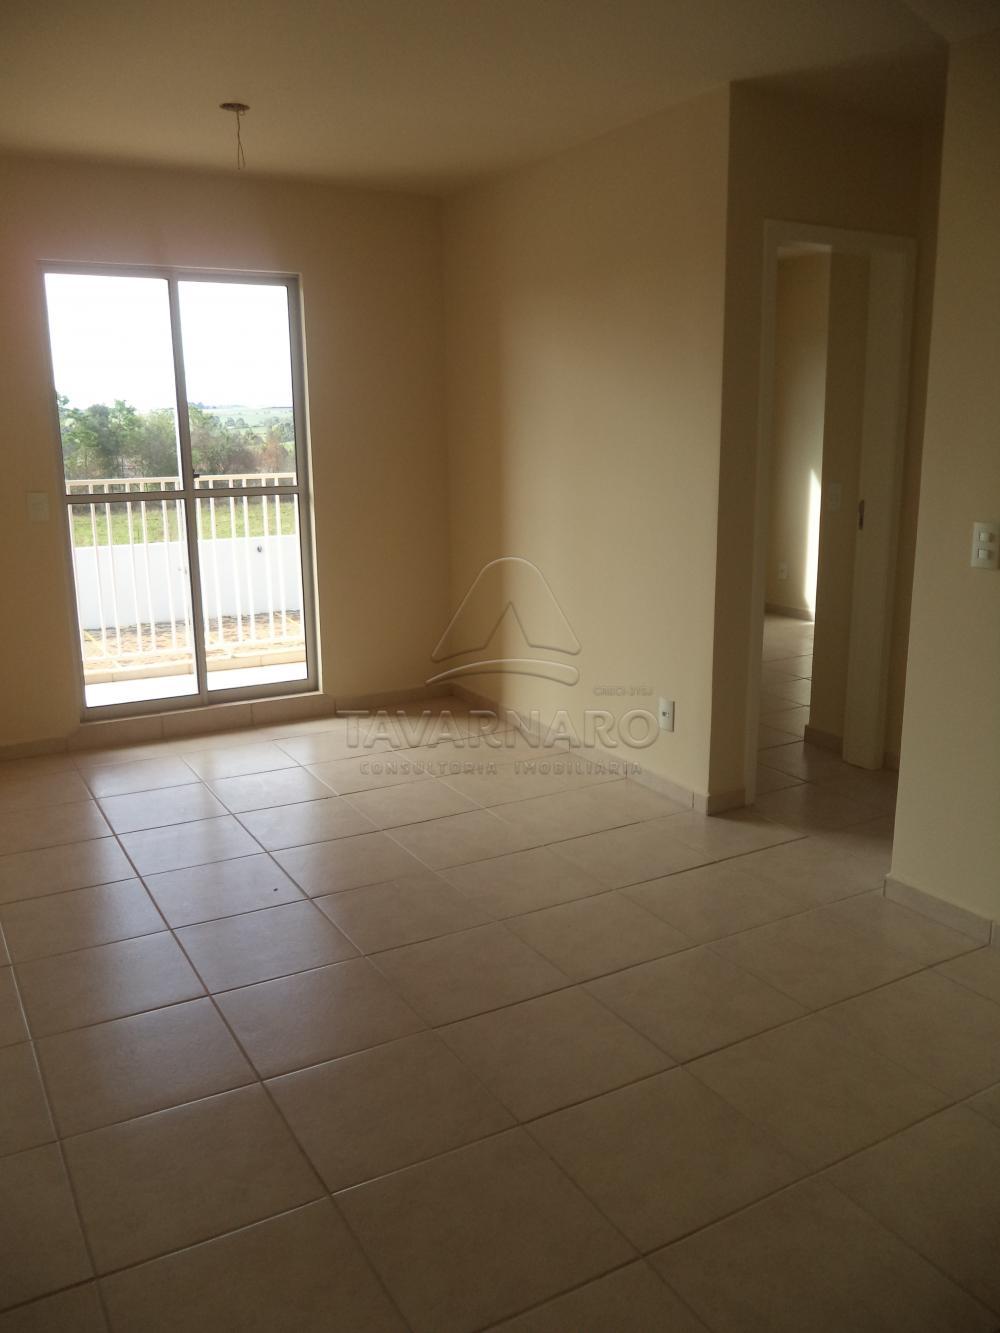 Alugar Apartamento / Padrão em Ponta Grossa R$ 570,00 - Foto 3